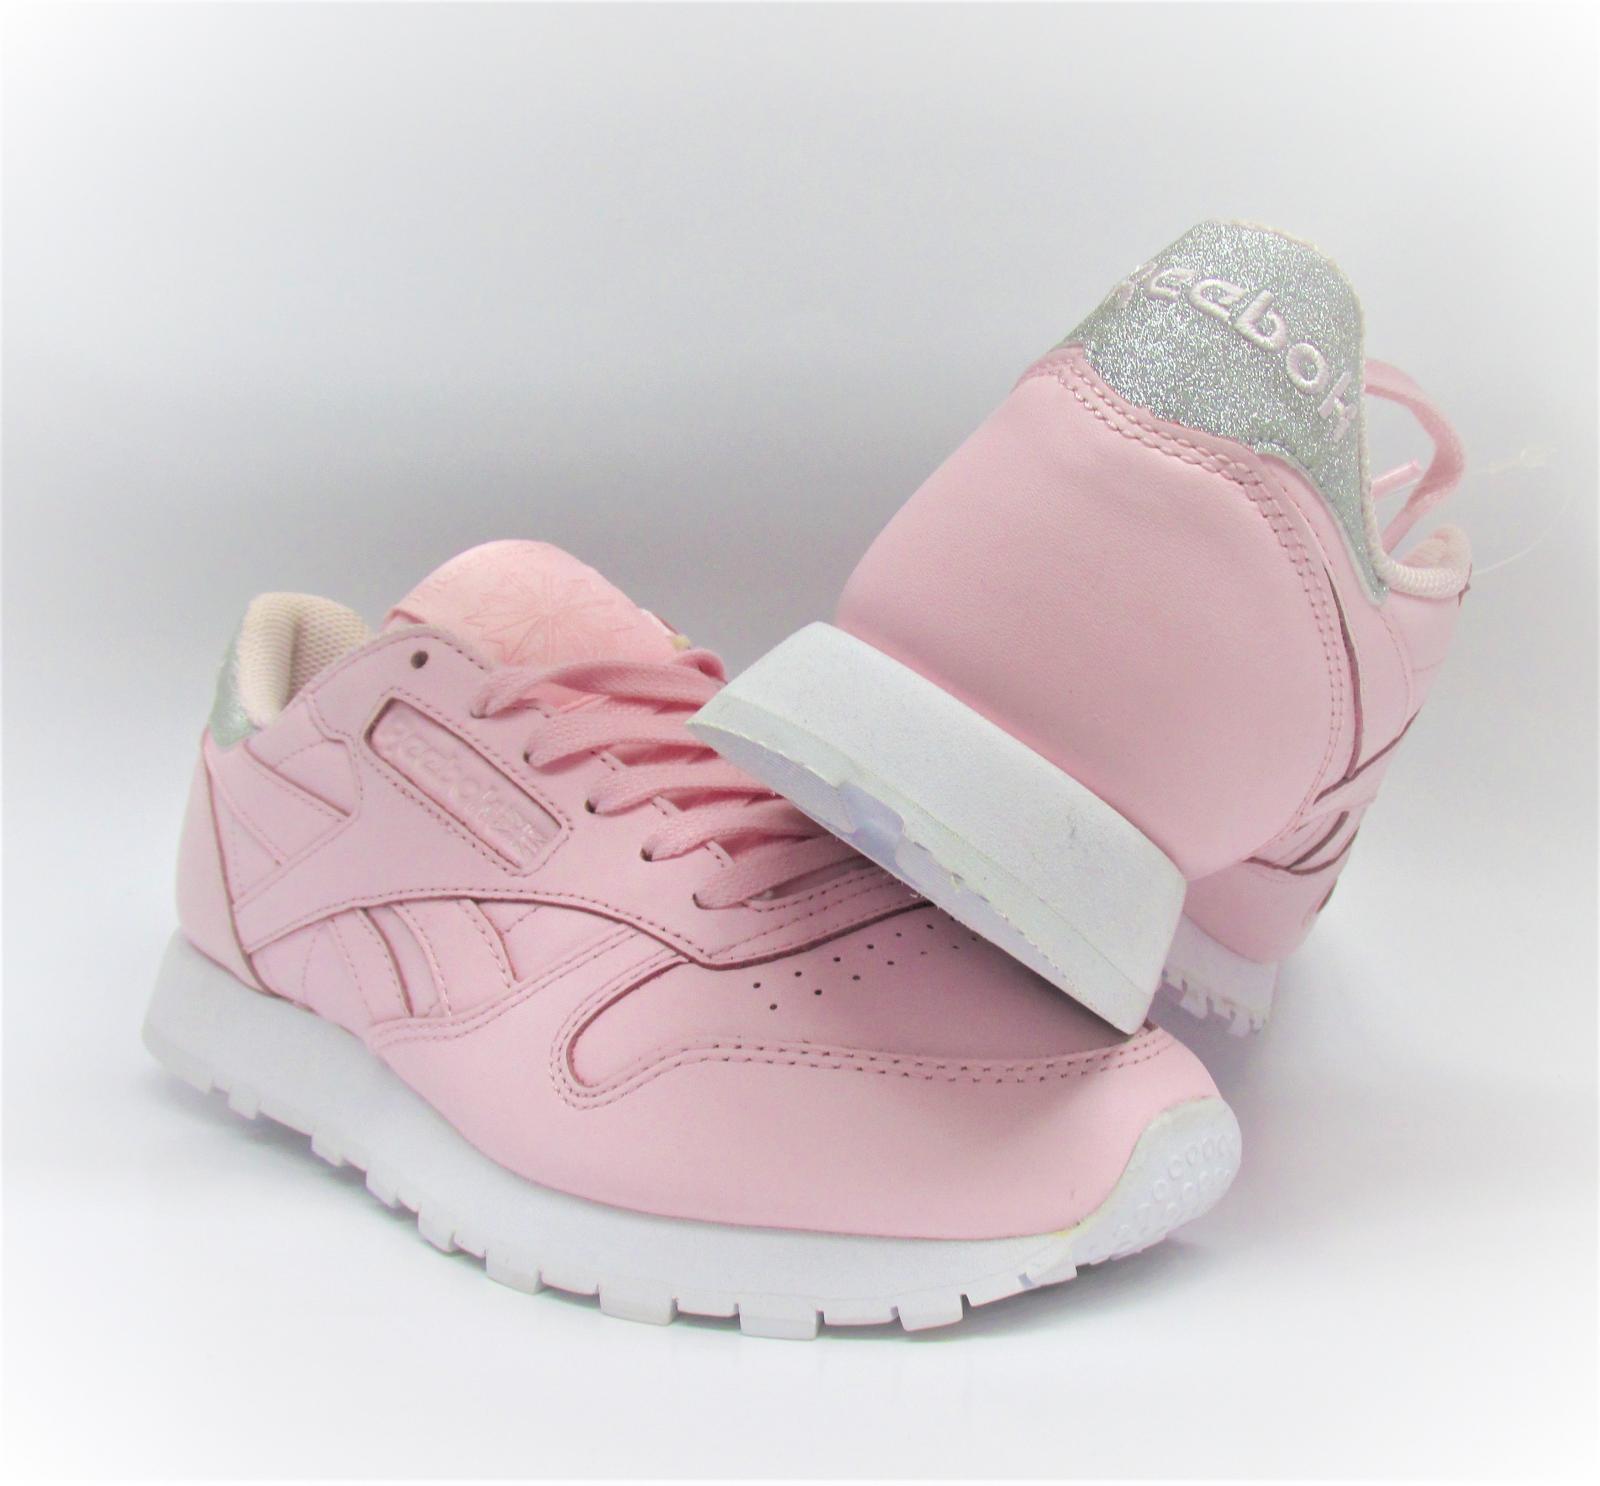 Damen Reebok Cl Lthr Turnschuhe met Diamant pink Leder Turnschuhe Lthr bs8892 c5c9e7